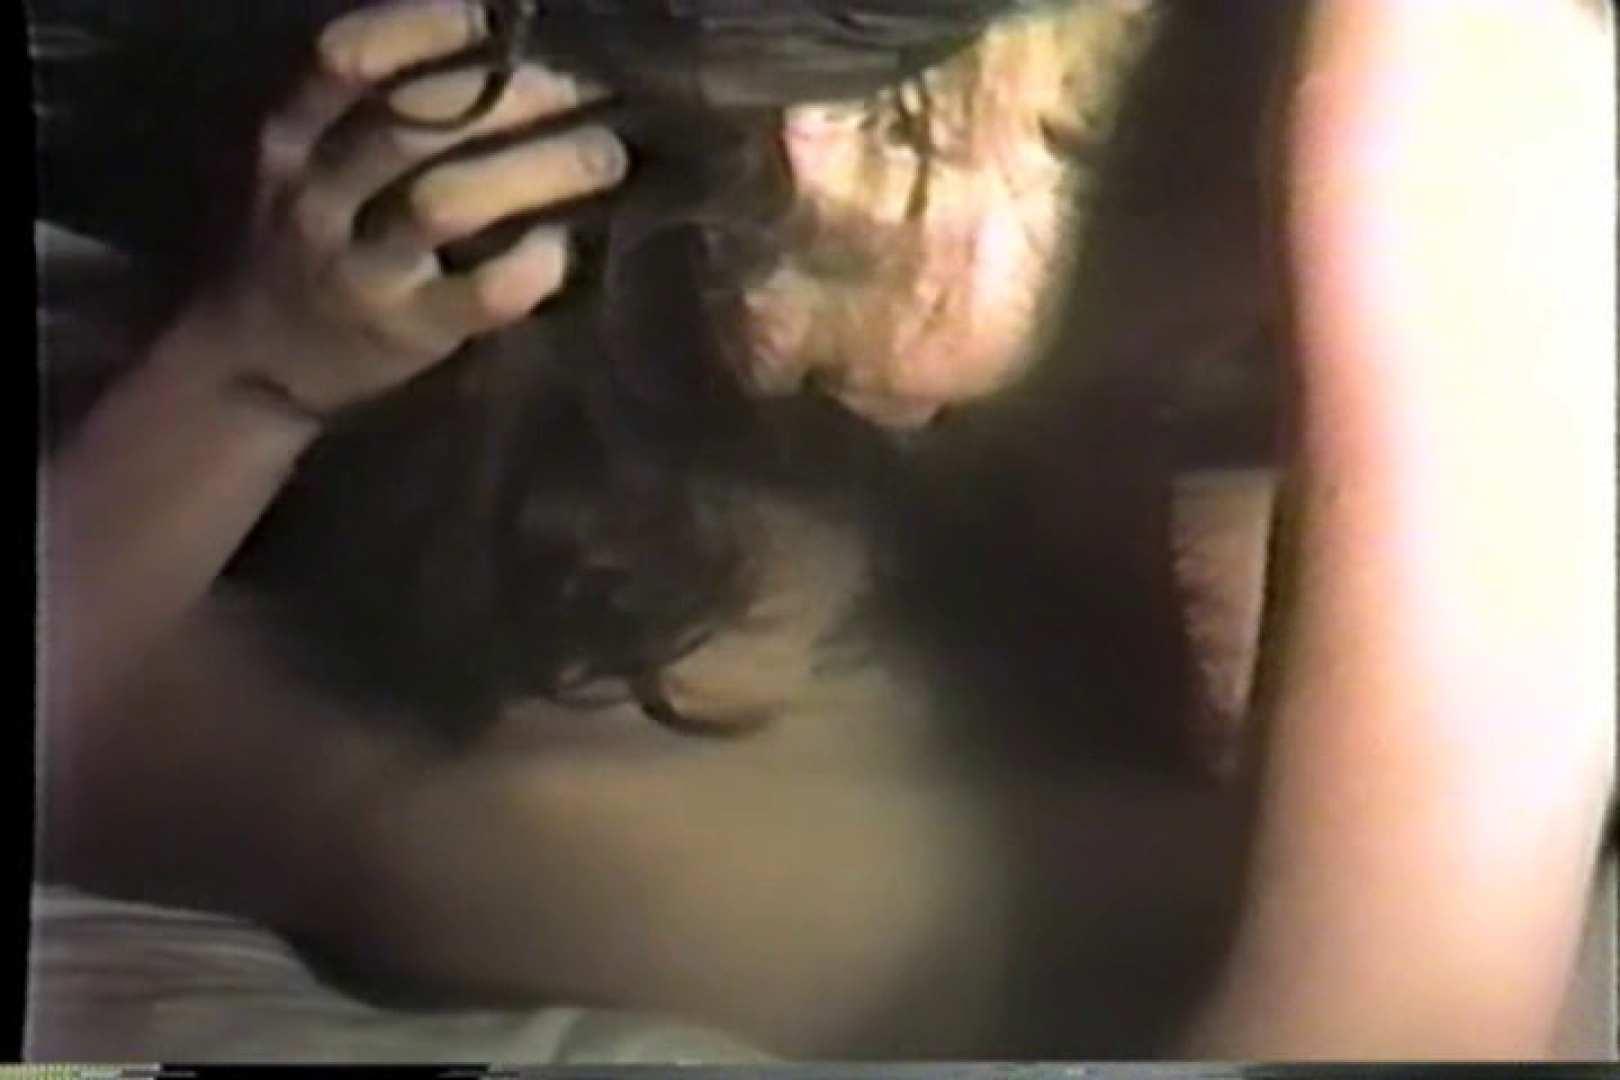 実録!ラブホテル~消し忘れ注意!昭和の色編~ vol.18 OLのエロ生活 SEX無修正画像 98連発 14